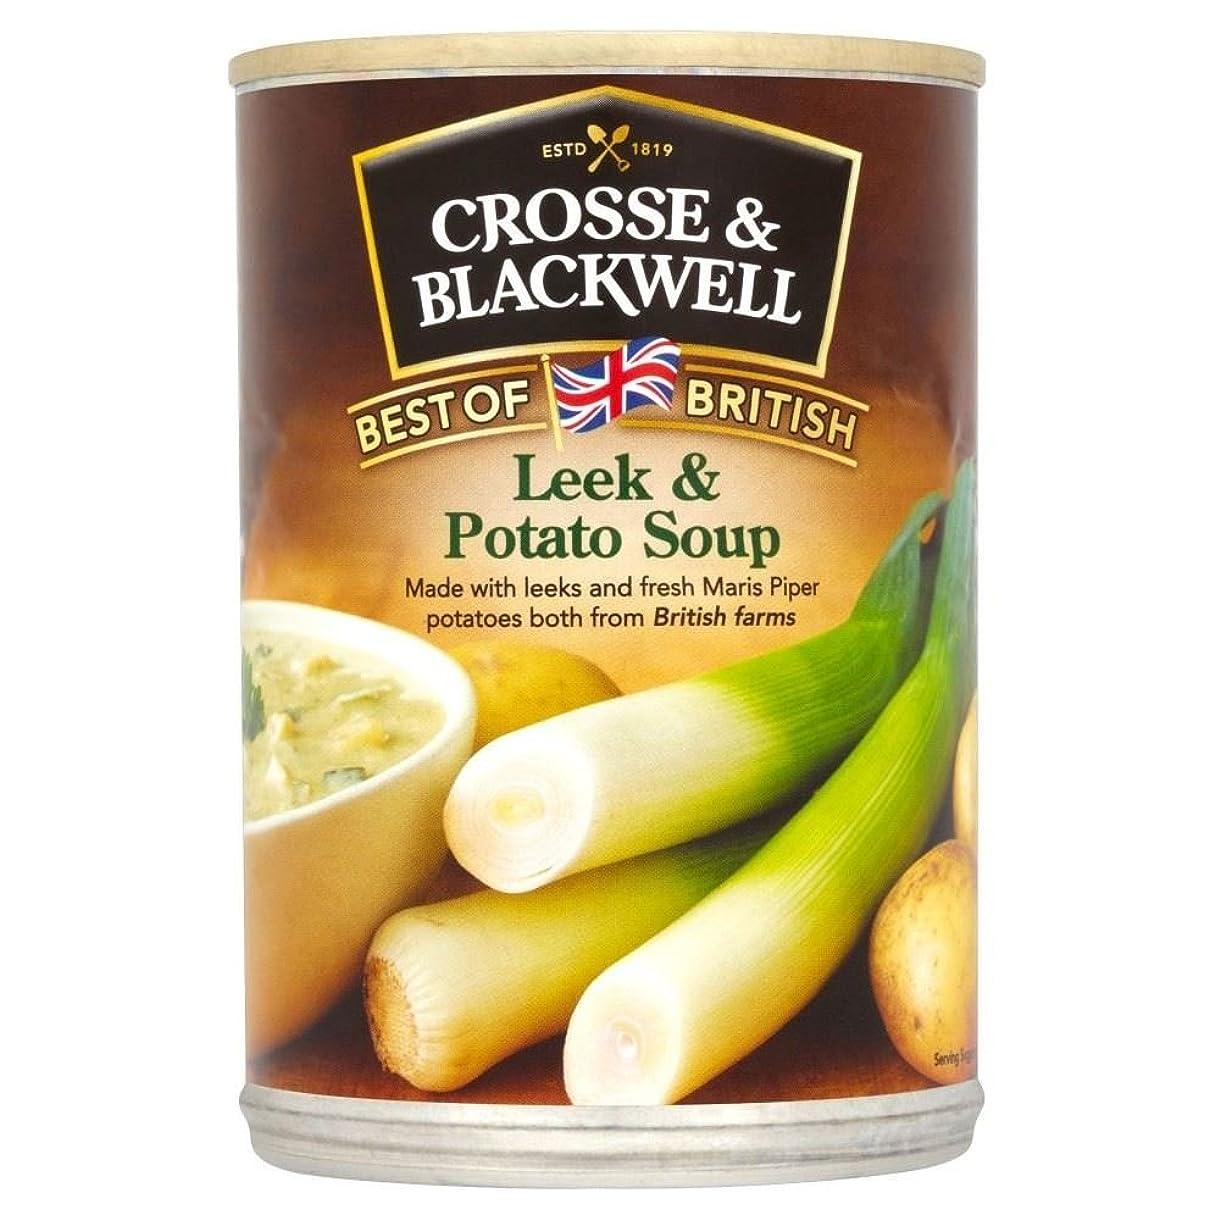 手足セーブズームインするCrosse & Blackwell British Leek & Potato Soup (400g) ラクロスとブラックウェル英国のネギとジャガイモのスープ( 400グラム)